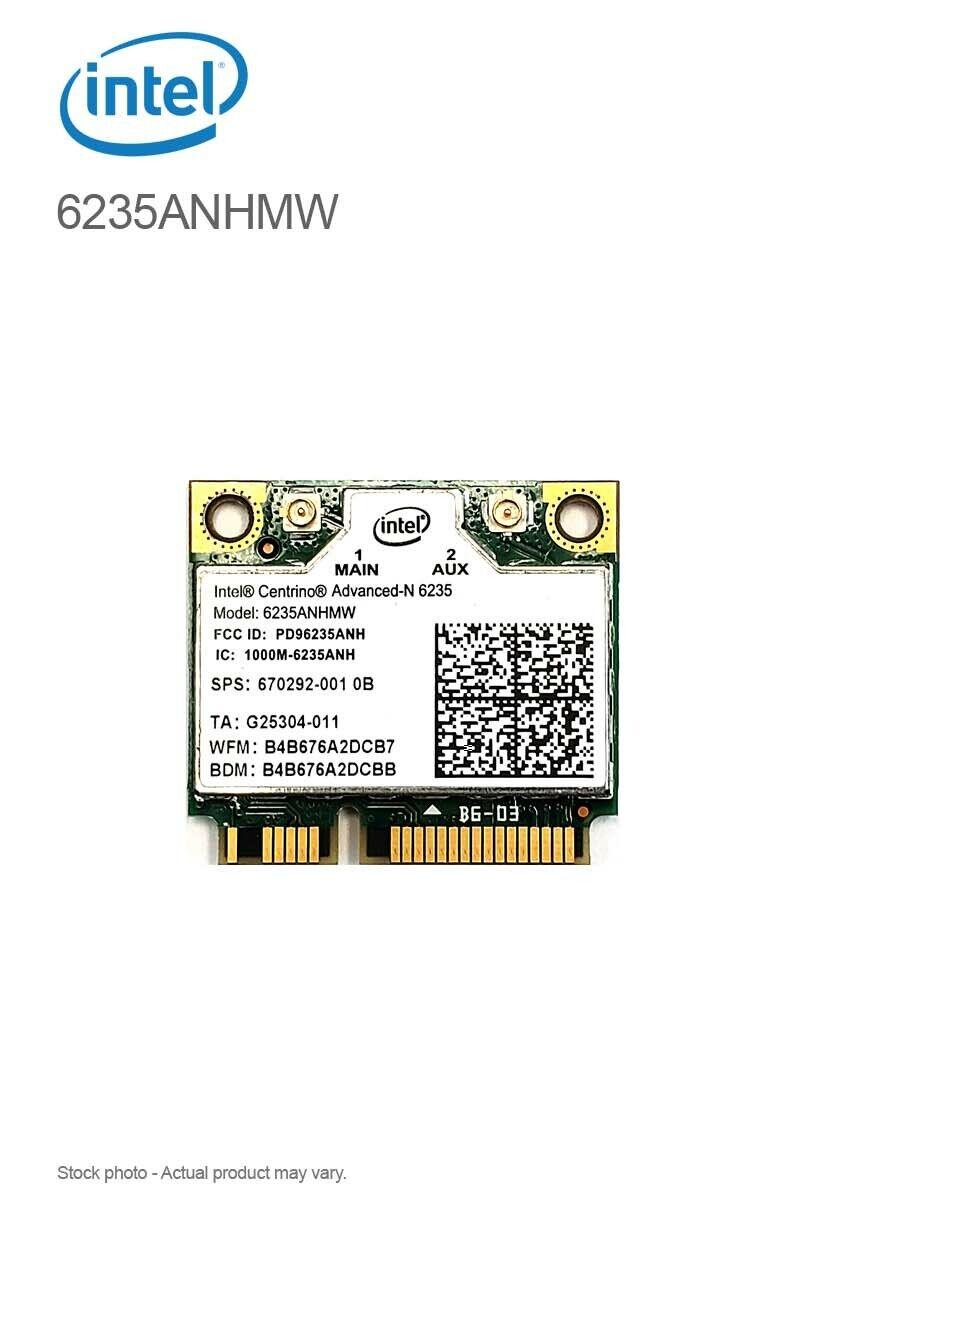 Dell DW1501 PCI-e Wireless Wlan Card Broadcom BCM94313HMG2L Half Hight 802.11n